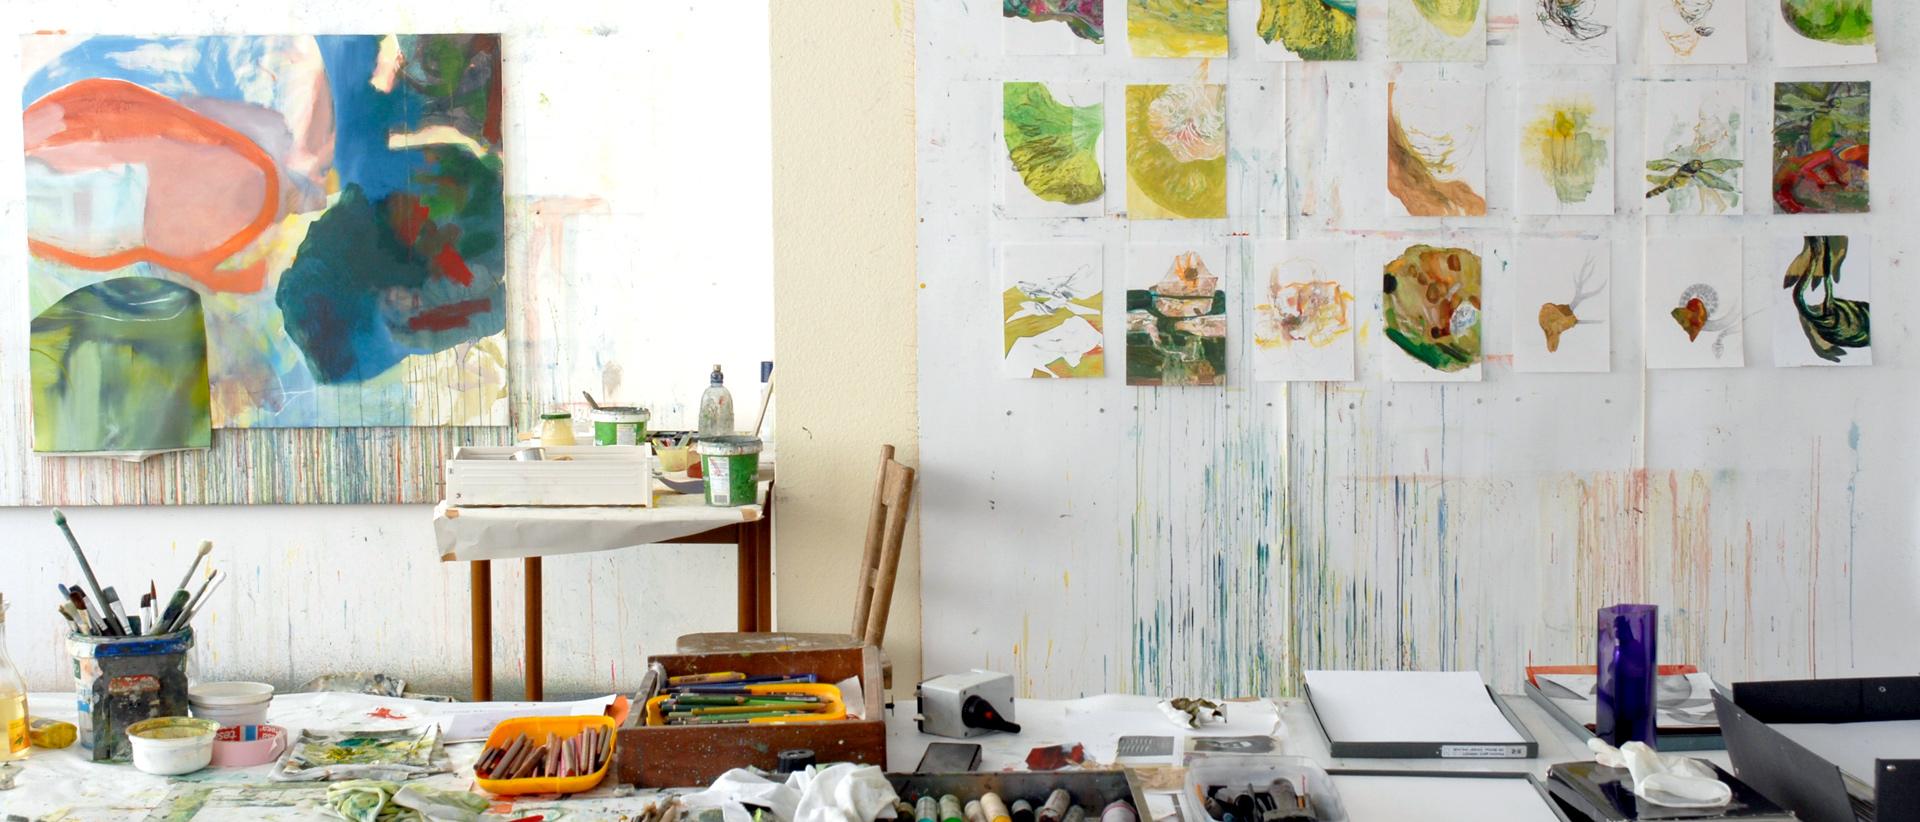 Atelier Burga Endhardt